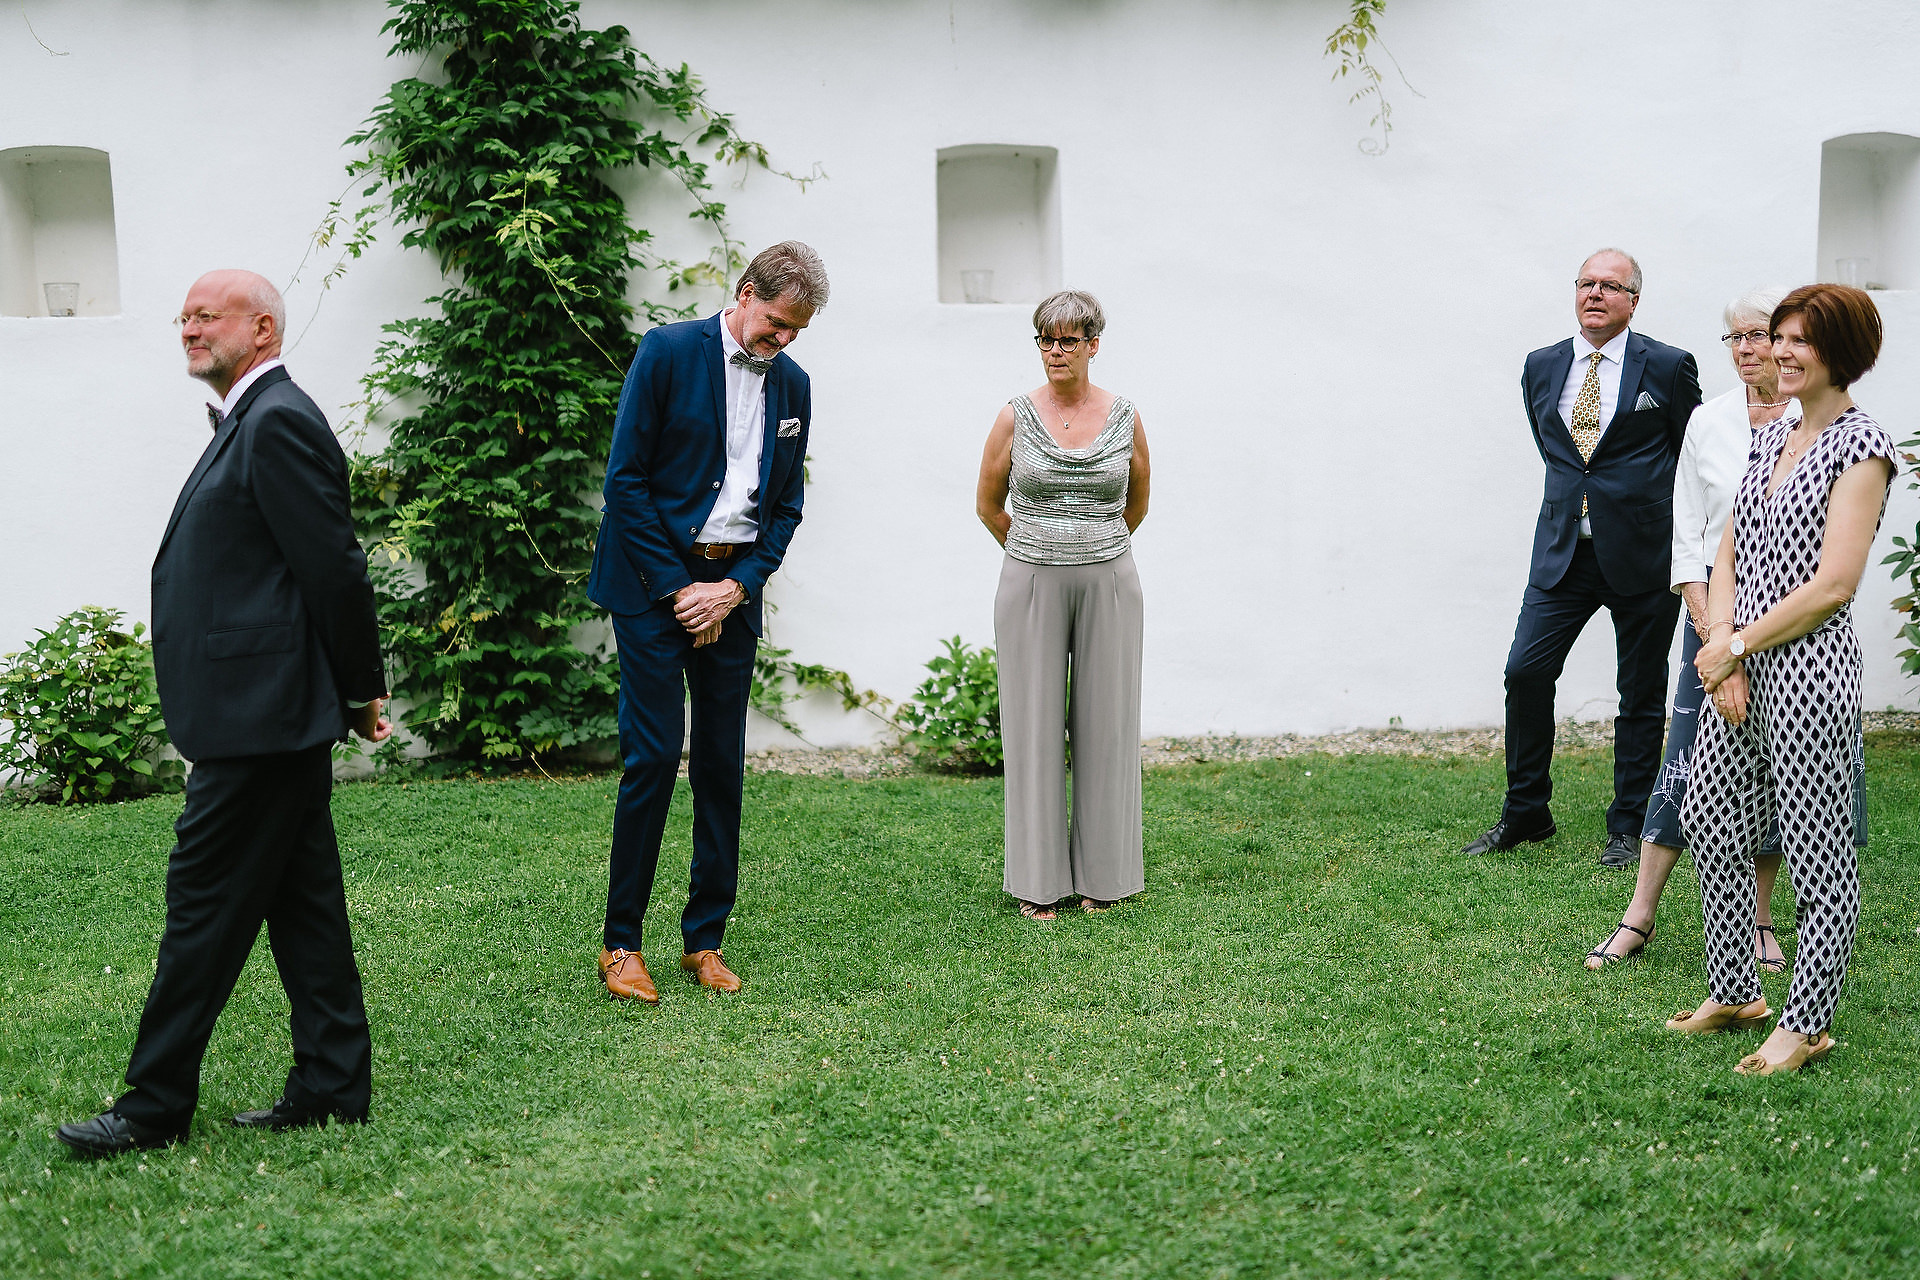 Fotograf Konstanz - Hochzeitsreportage Freiburg Hofgut Lilienhof Hochzeit Fotograf Konstanz 67 - Hochzeit in Freiburg und Hofgut Lilienhof  - 160 -